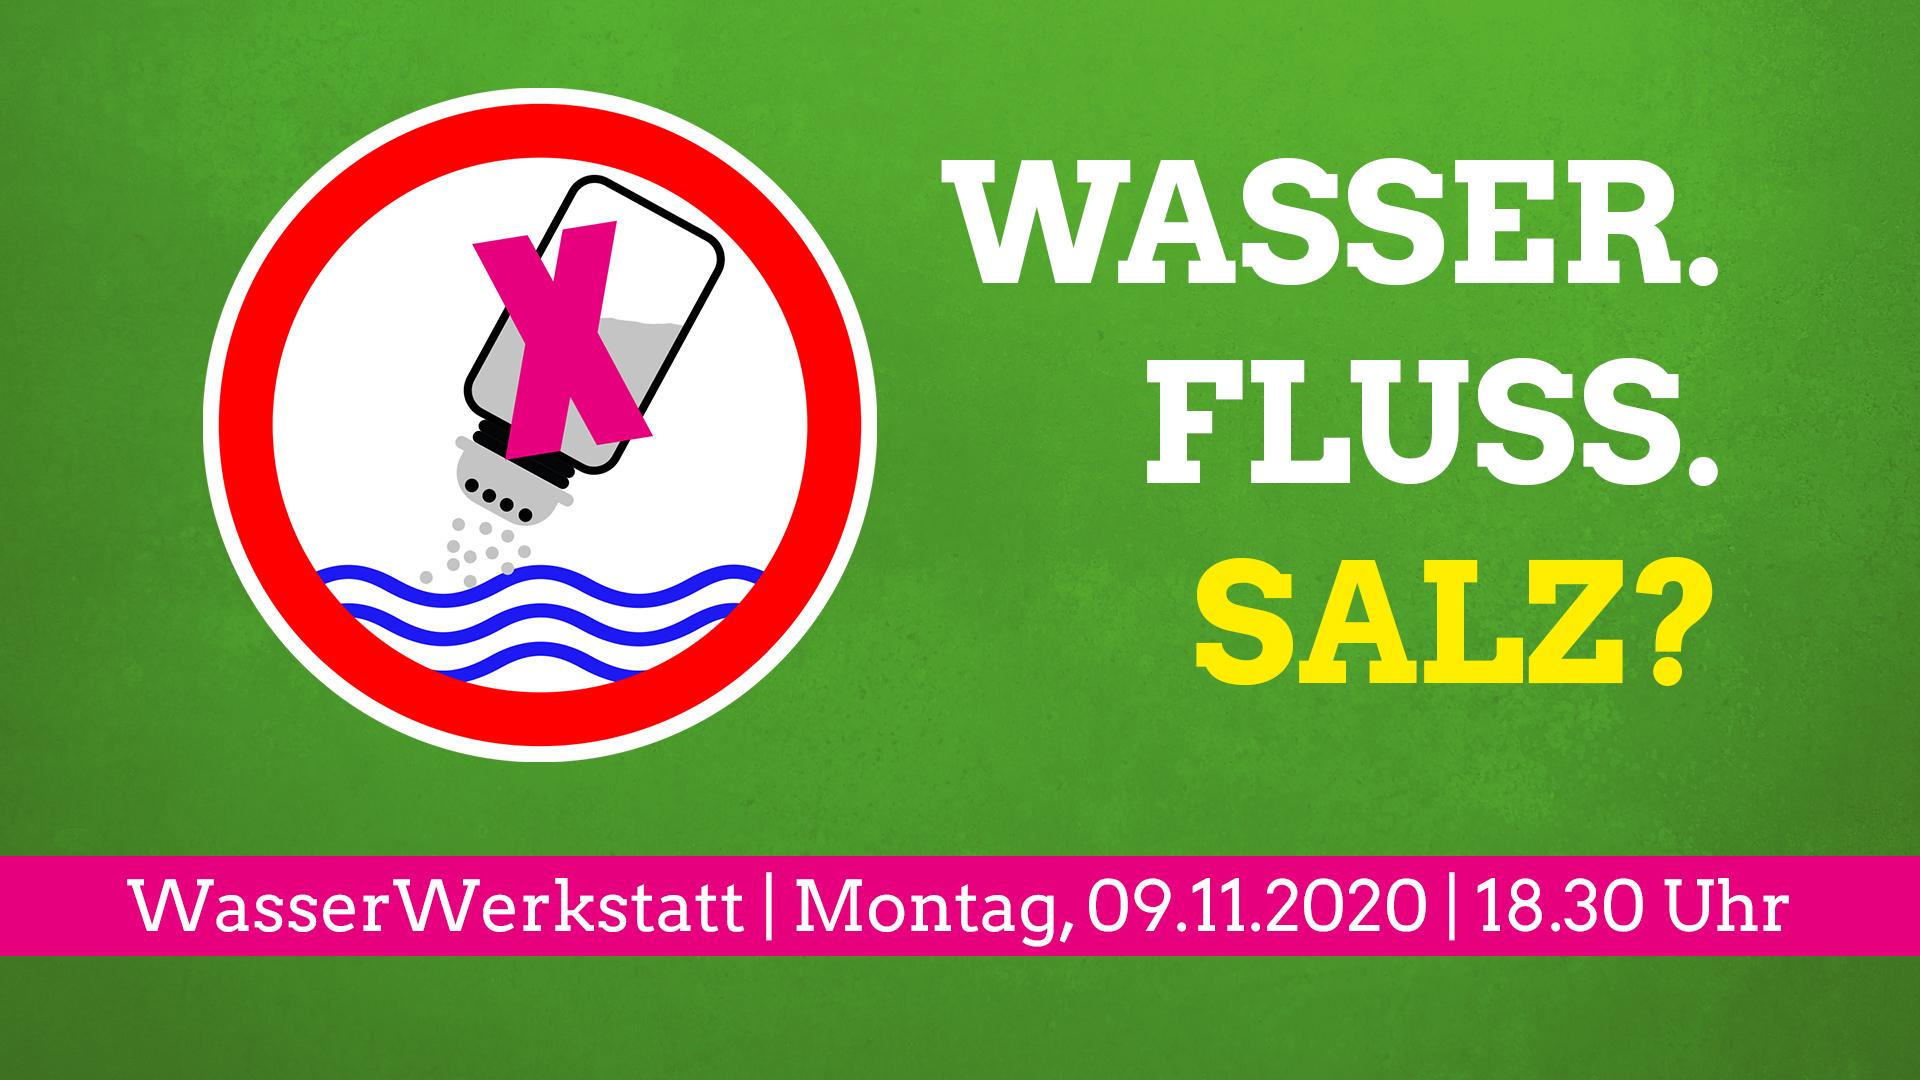 WasserWerkstatt: Versalzung der Werra